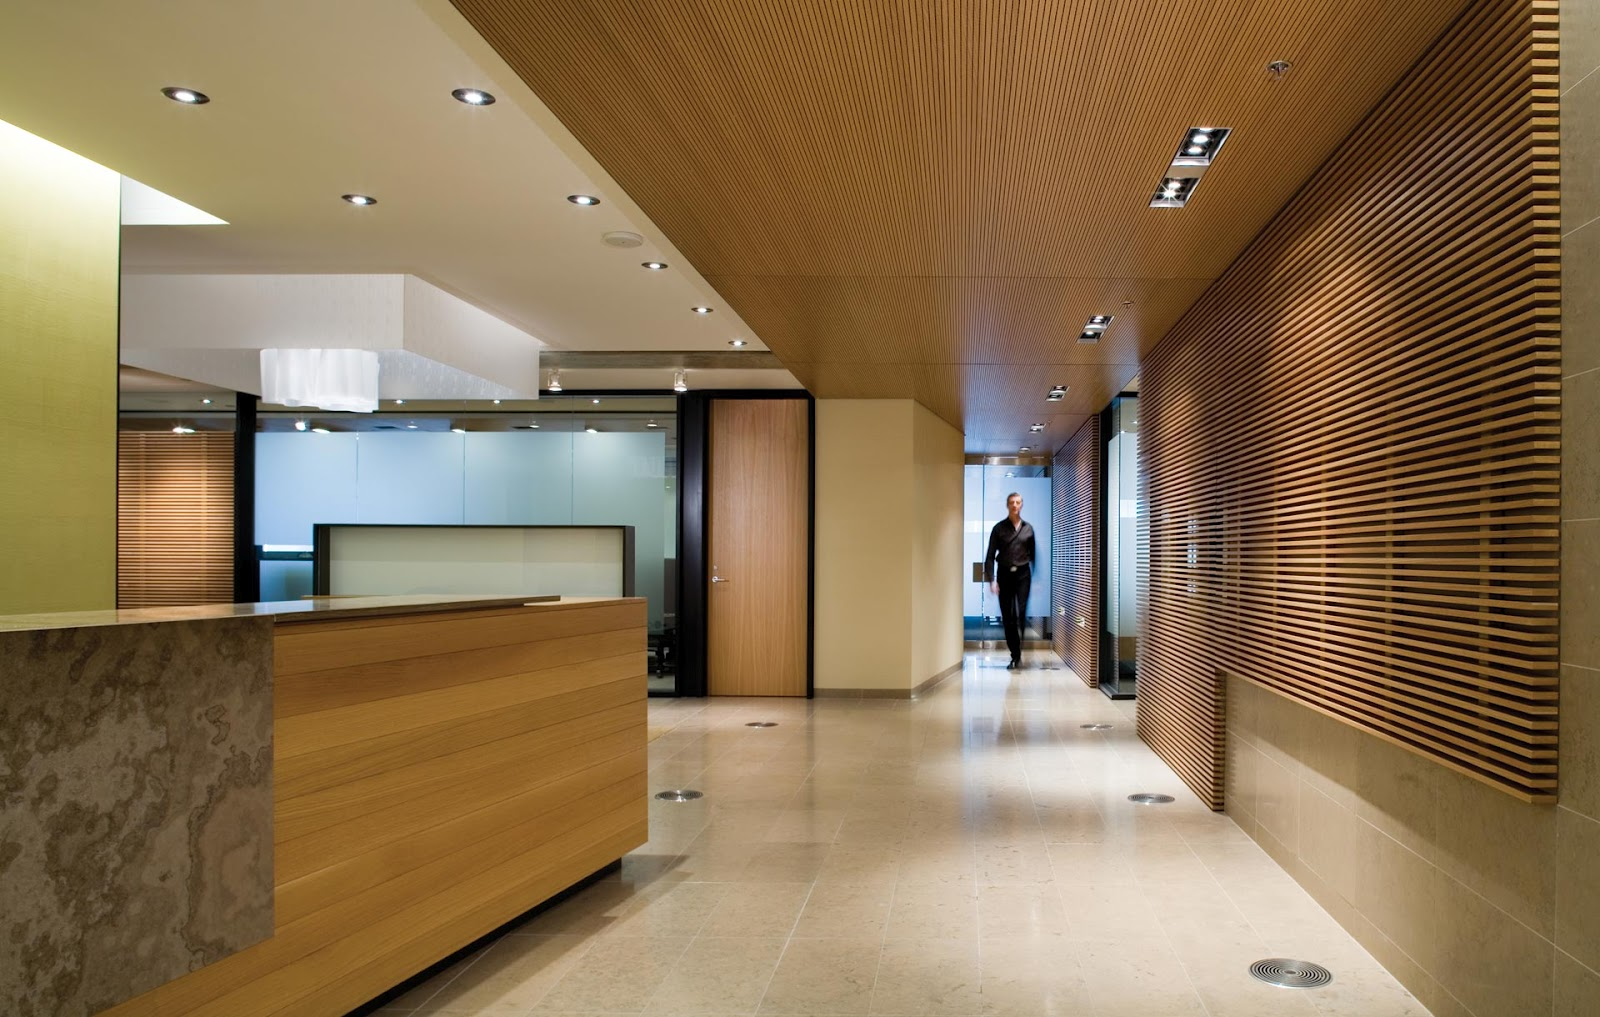 Imagine These: Corporate Office Interior Design | Aquilon ...